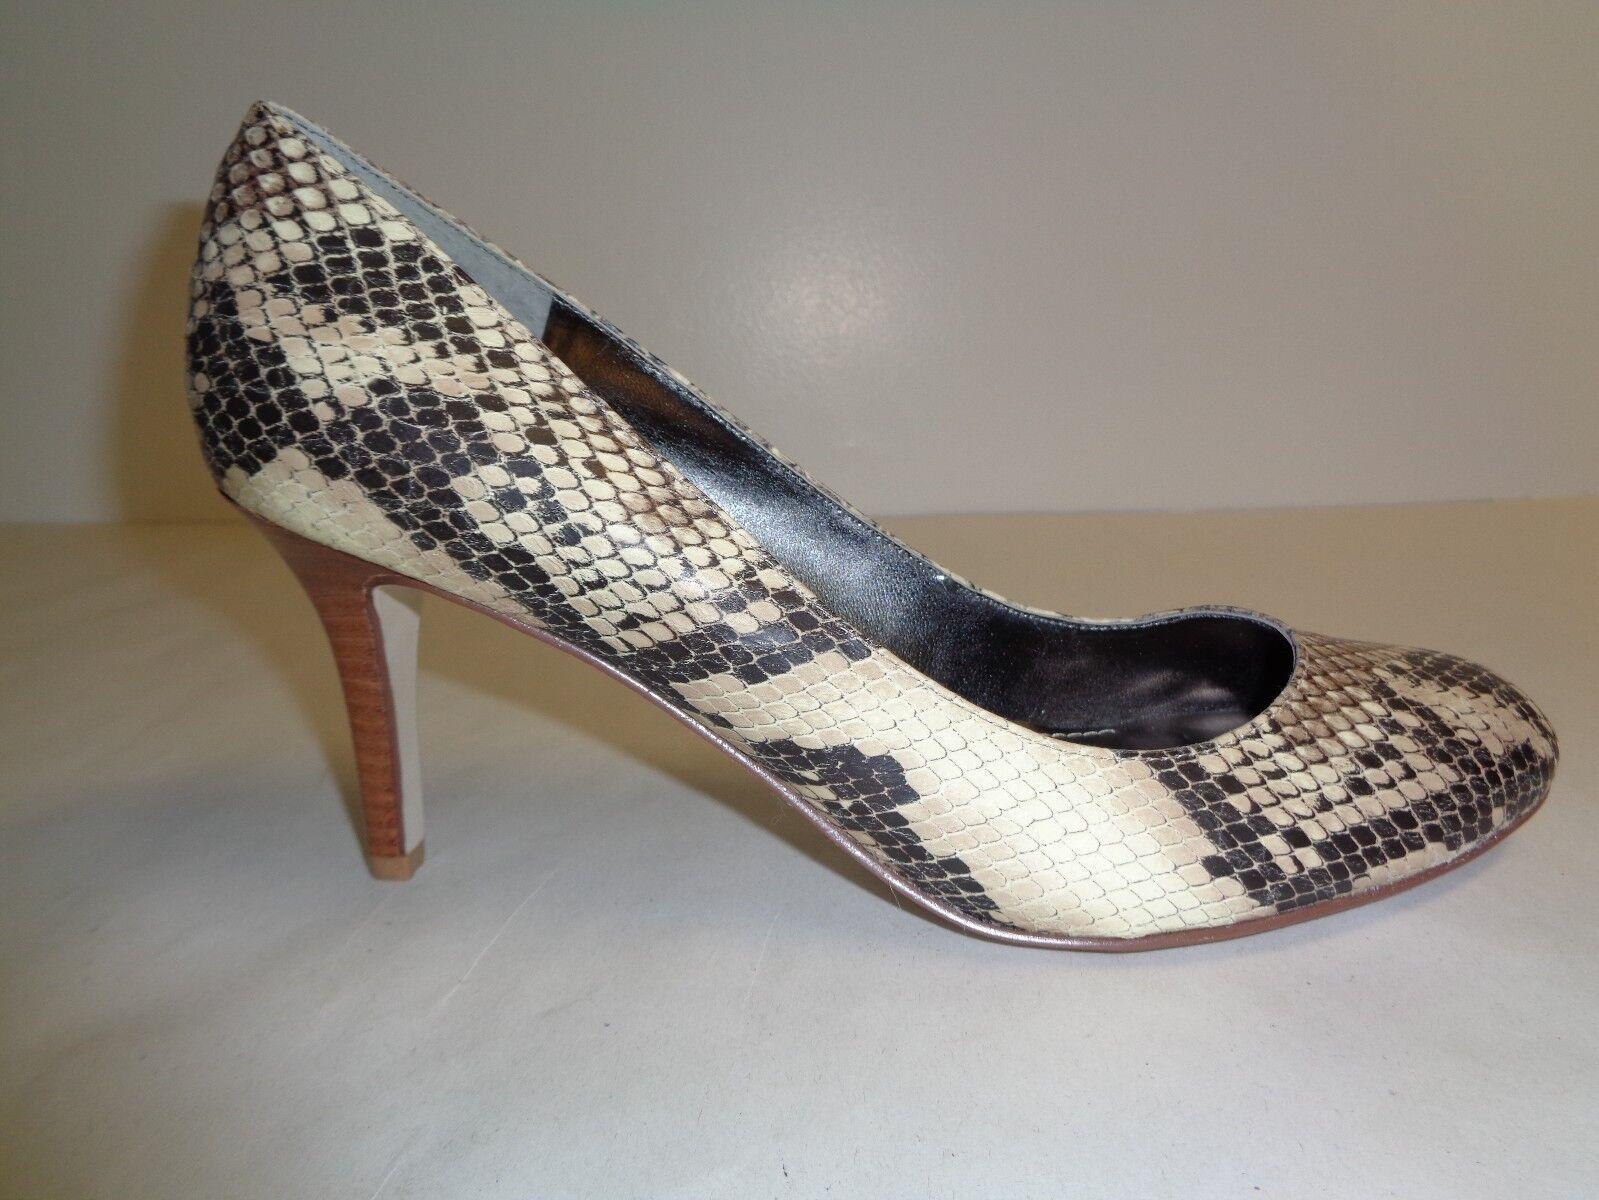 Marc Fisher Größe 8 M DAFNA DAFNA2 Natural Snake Pumps Heels NEU Damenschuhe Schuhes